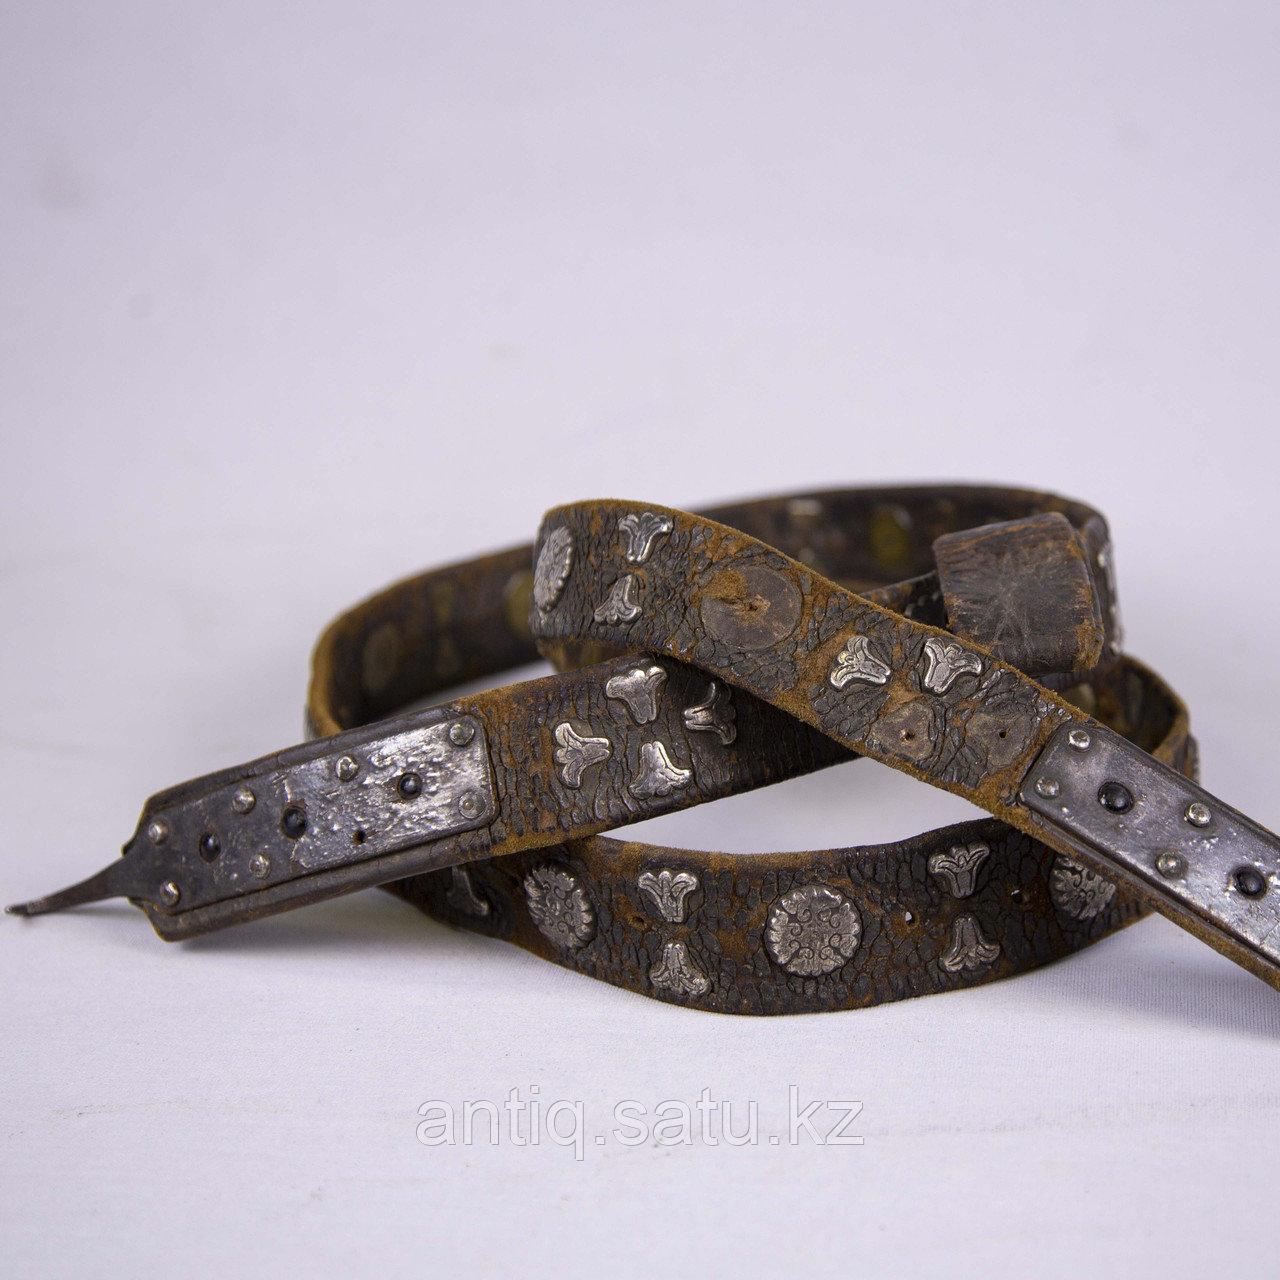 Кисе-белдик национальный Казахский охотничий пояс. Кожа, шитье, металл, ковка, серебро, насечка серебро - фото 4